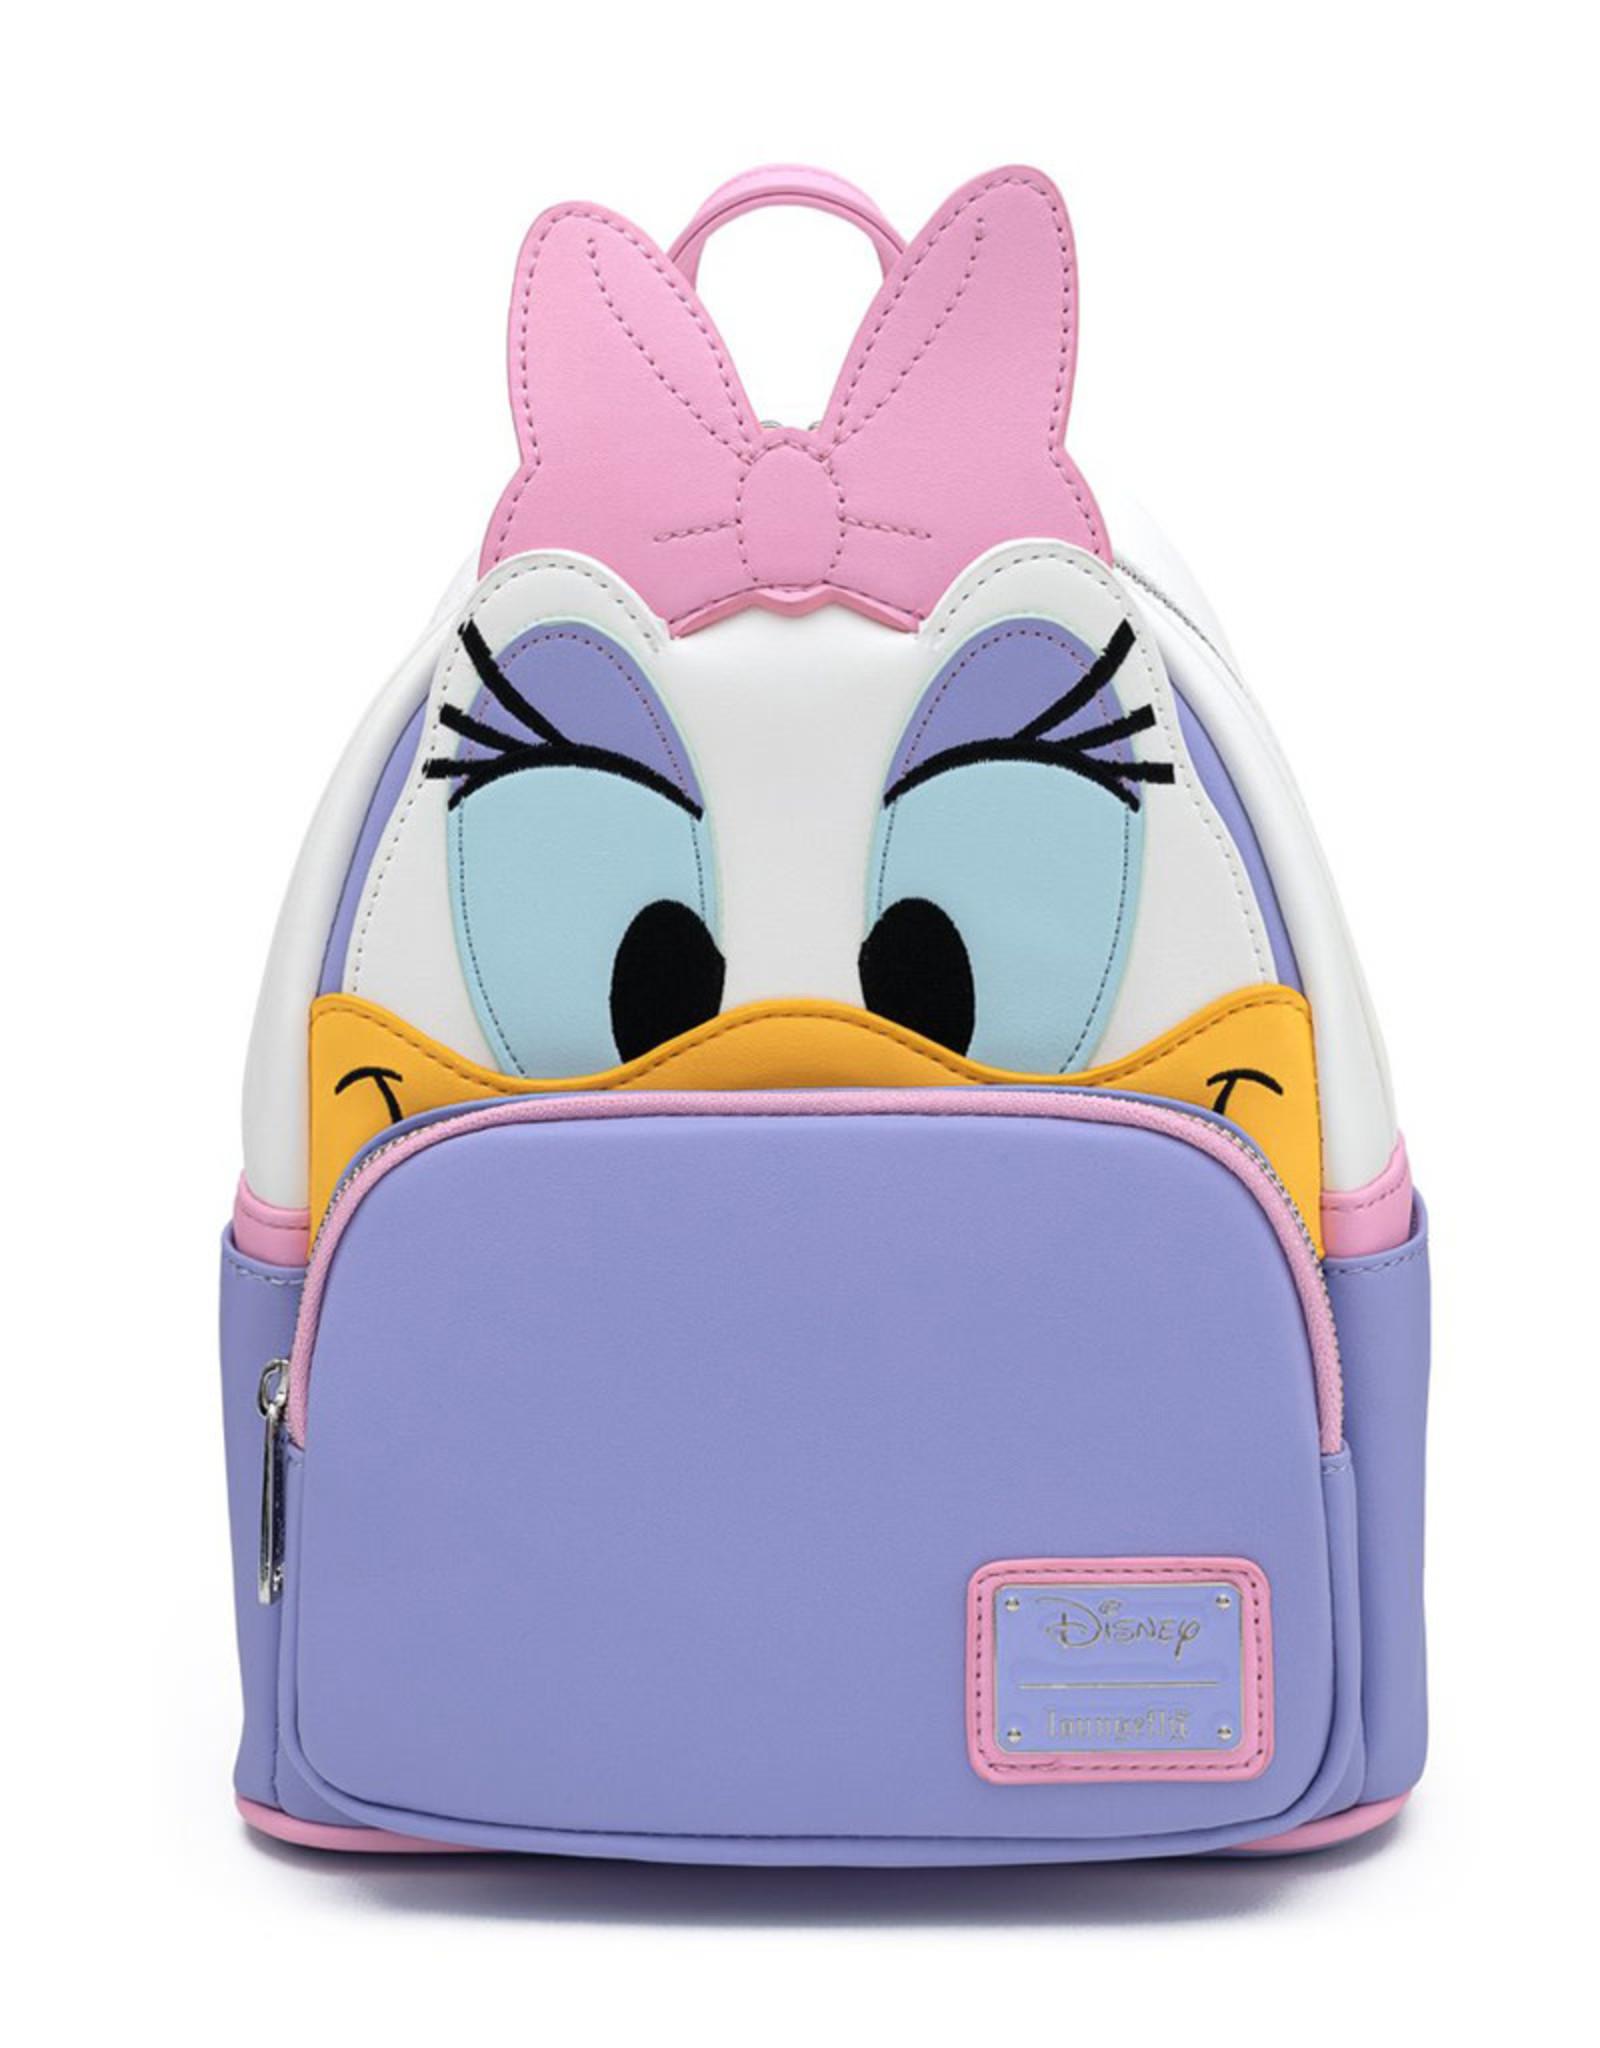 Disney Disney ( Loungefly Mini Back Pack ) Daisy